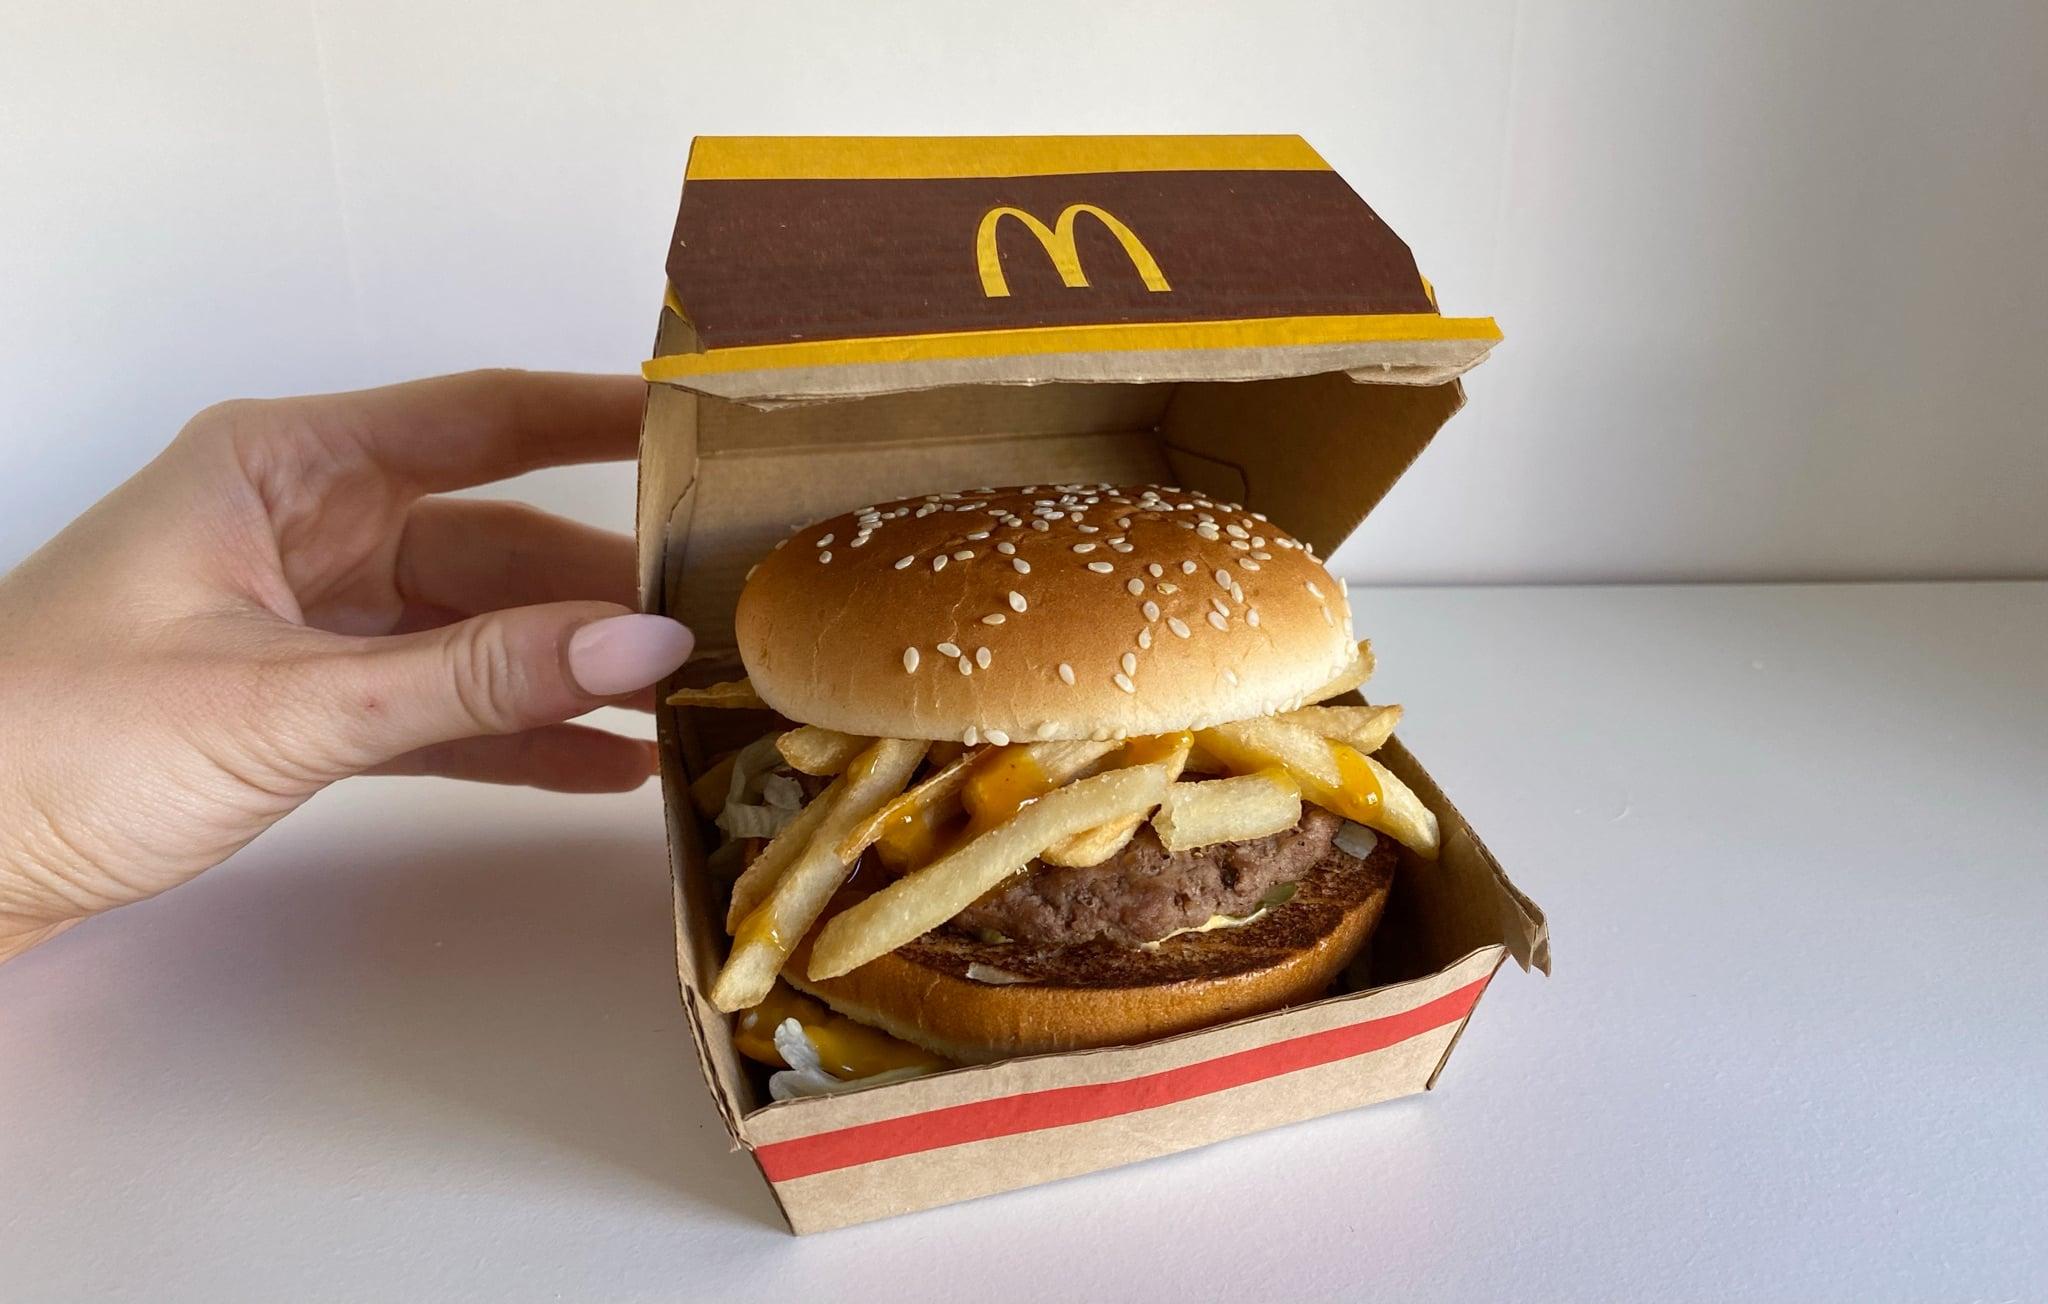 tmp_HhAc0h_cf99fddb53c1c366_Saweetie_McDonalds.jpg